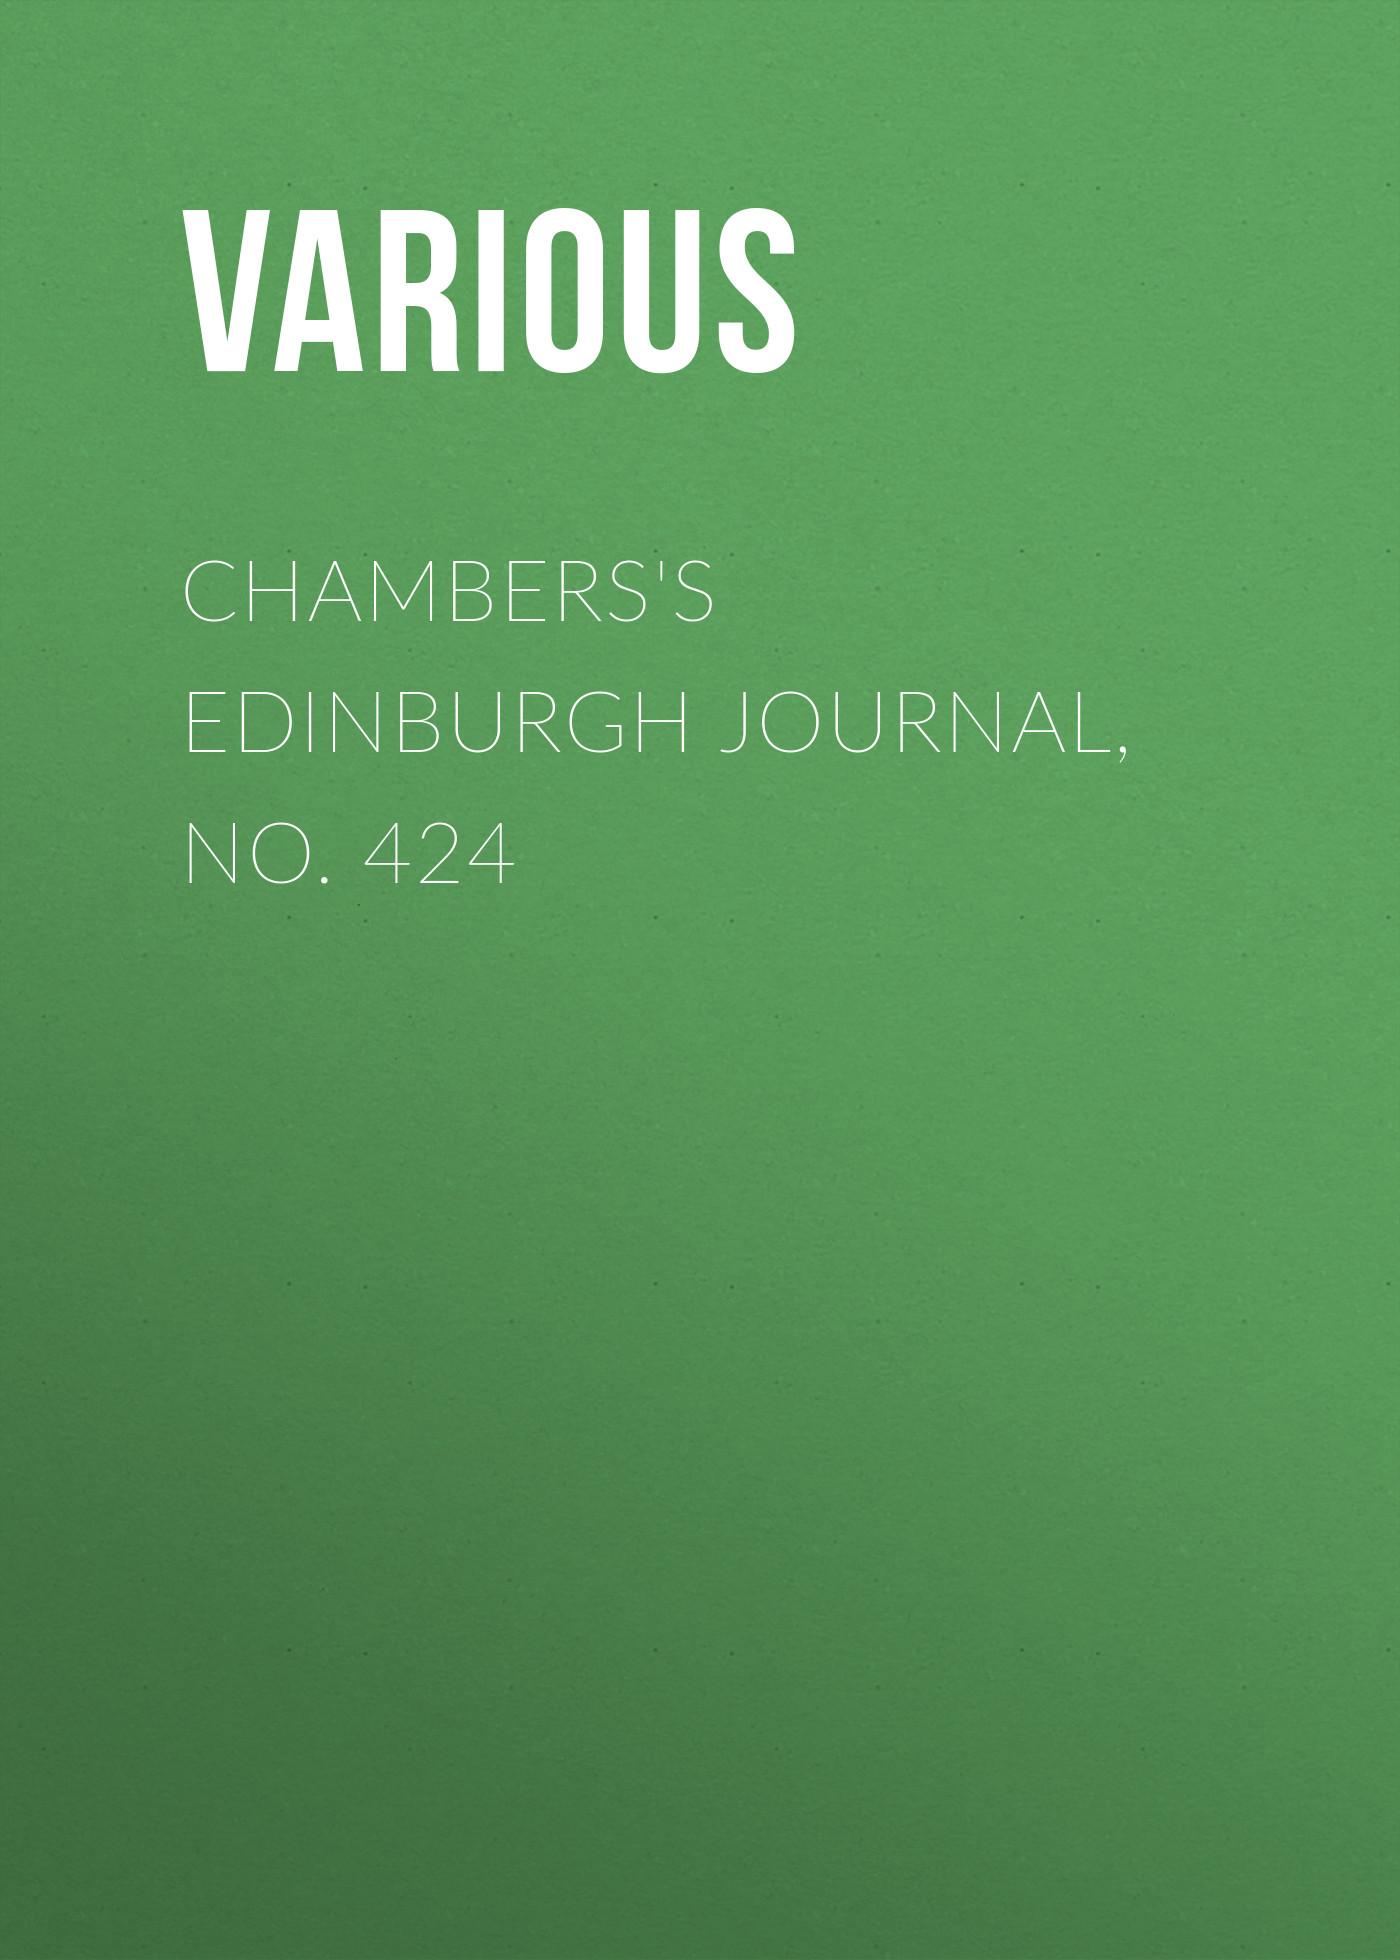 Chambers\'s Edinburgh Journal, No. 424 ( Various  )